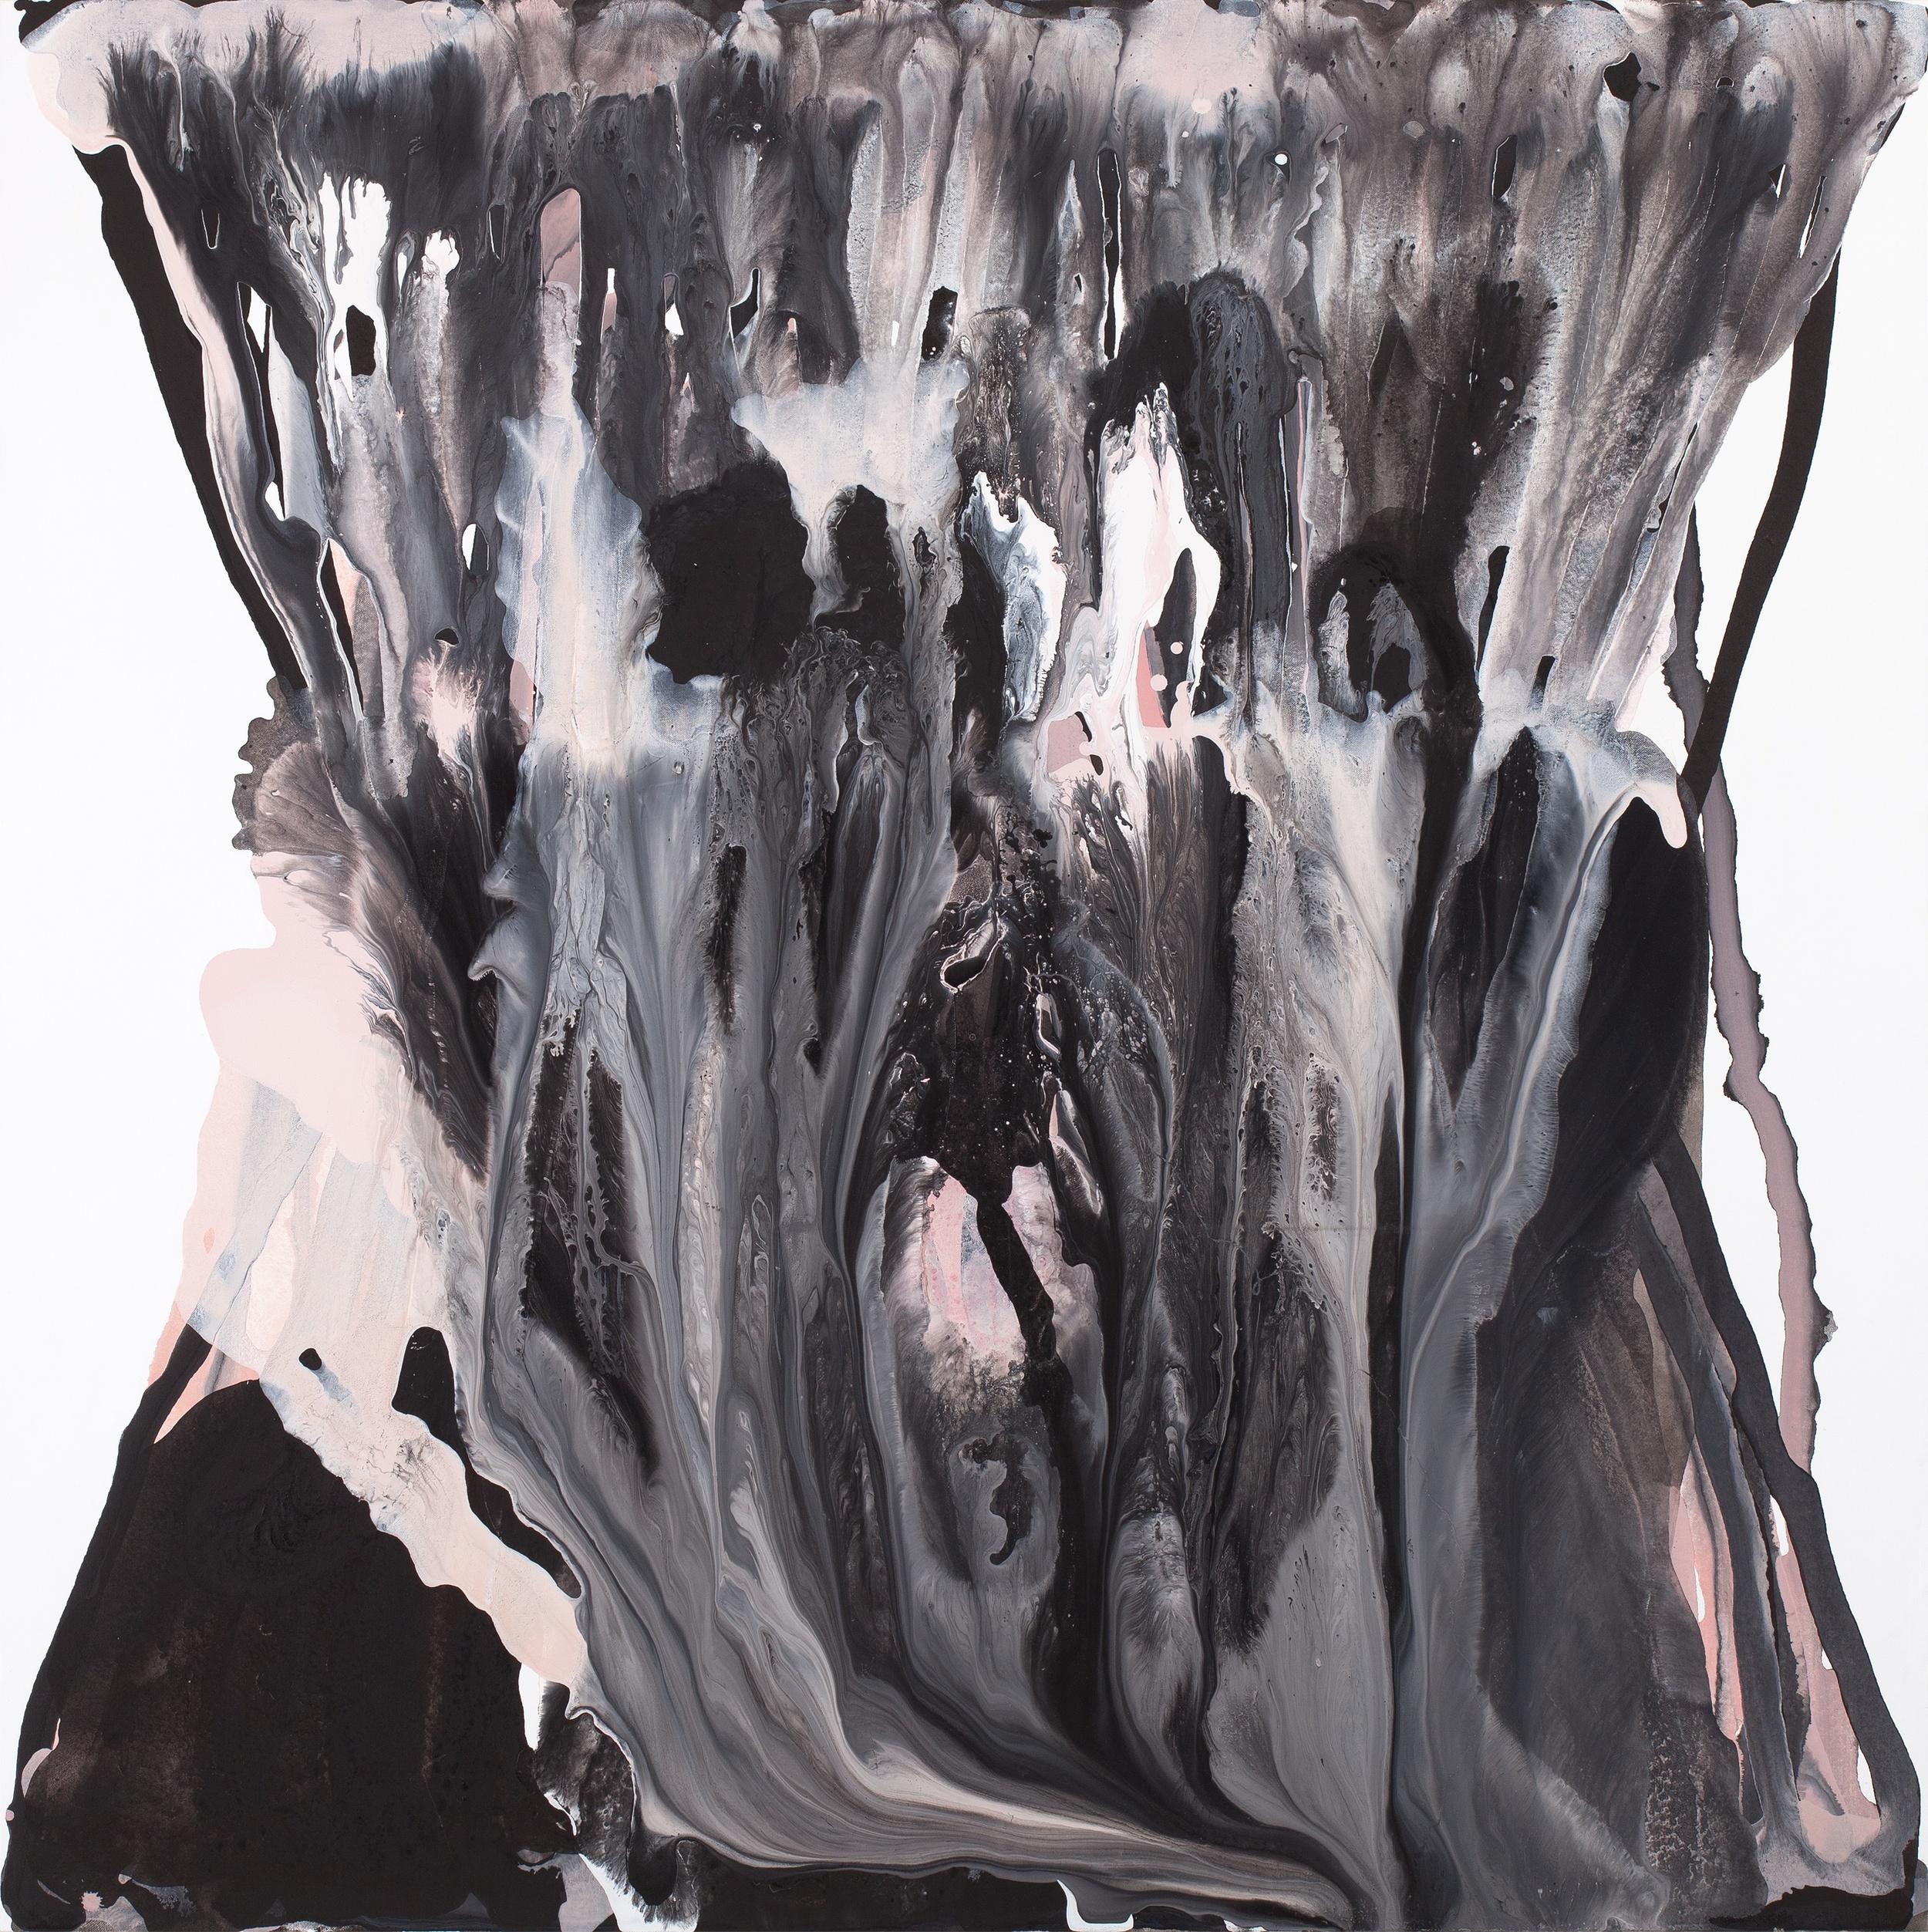 fall_01  acrylic on canvas  130 cm X 130 cm  2012